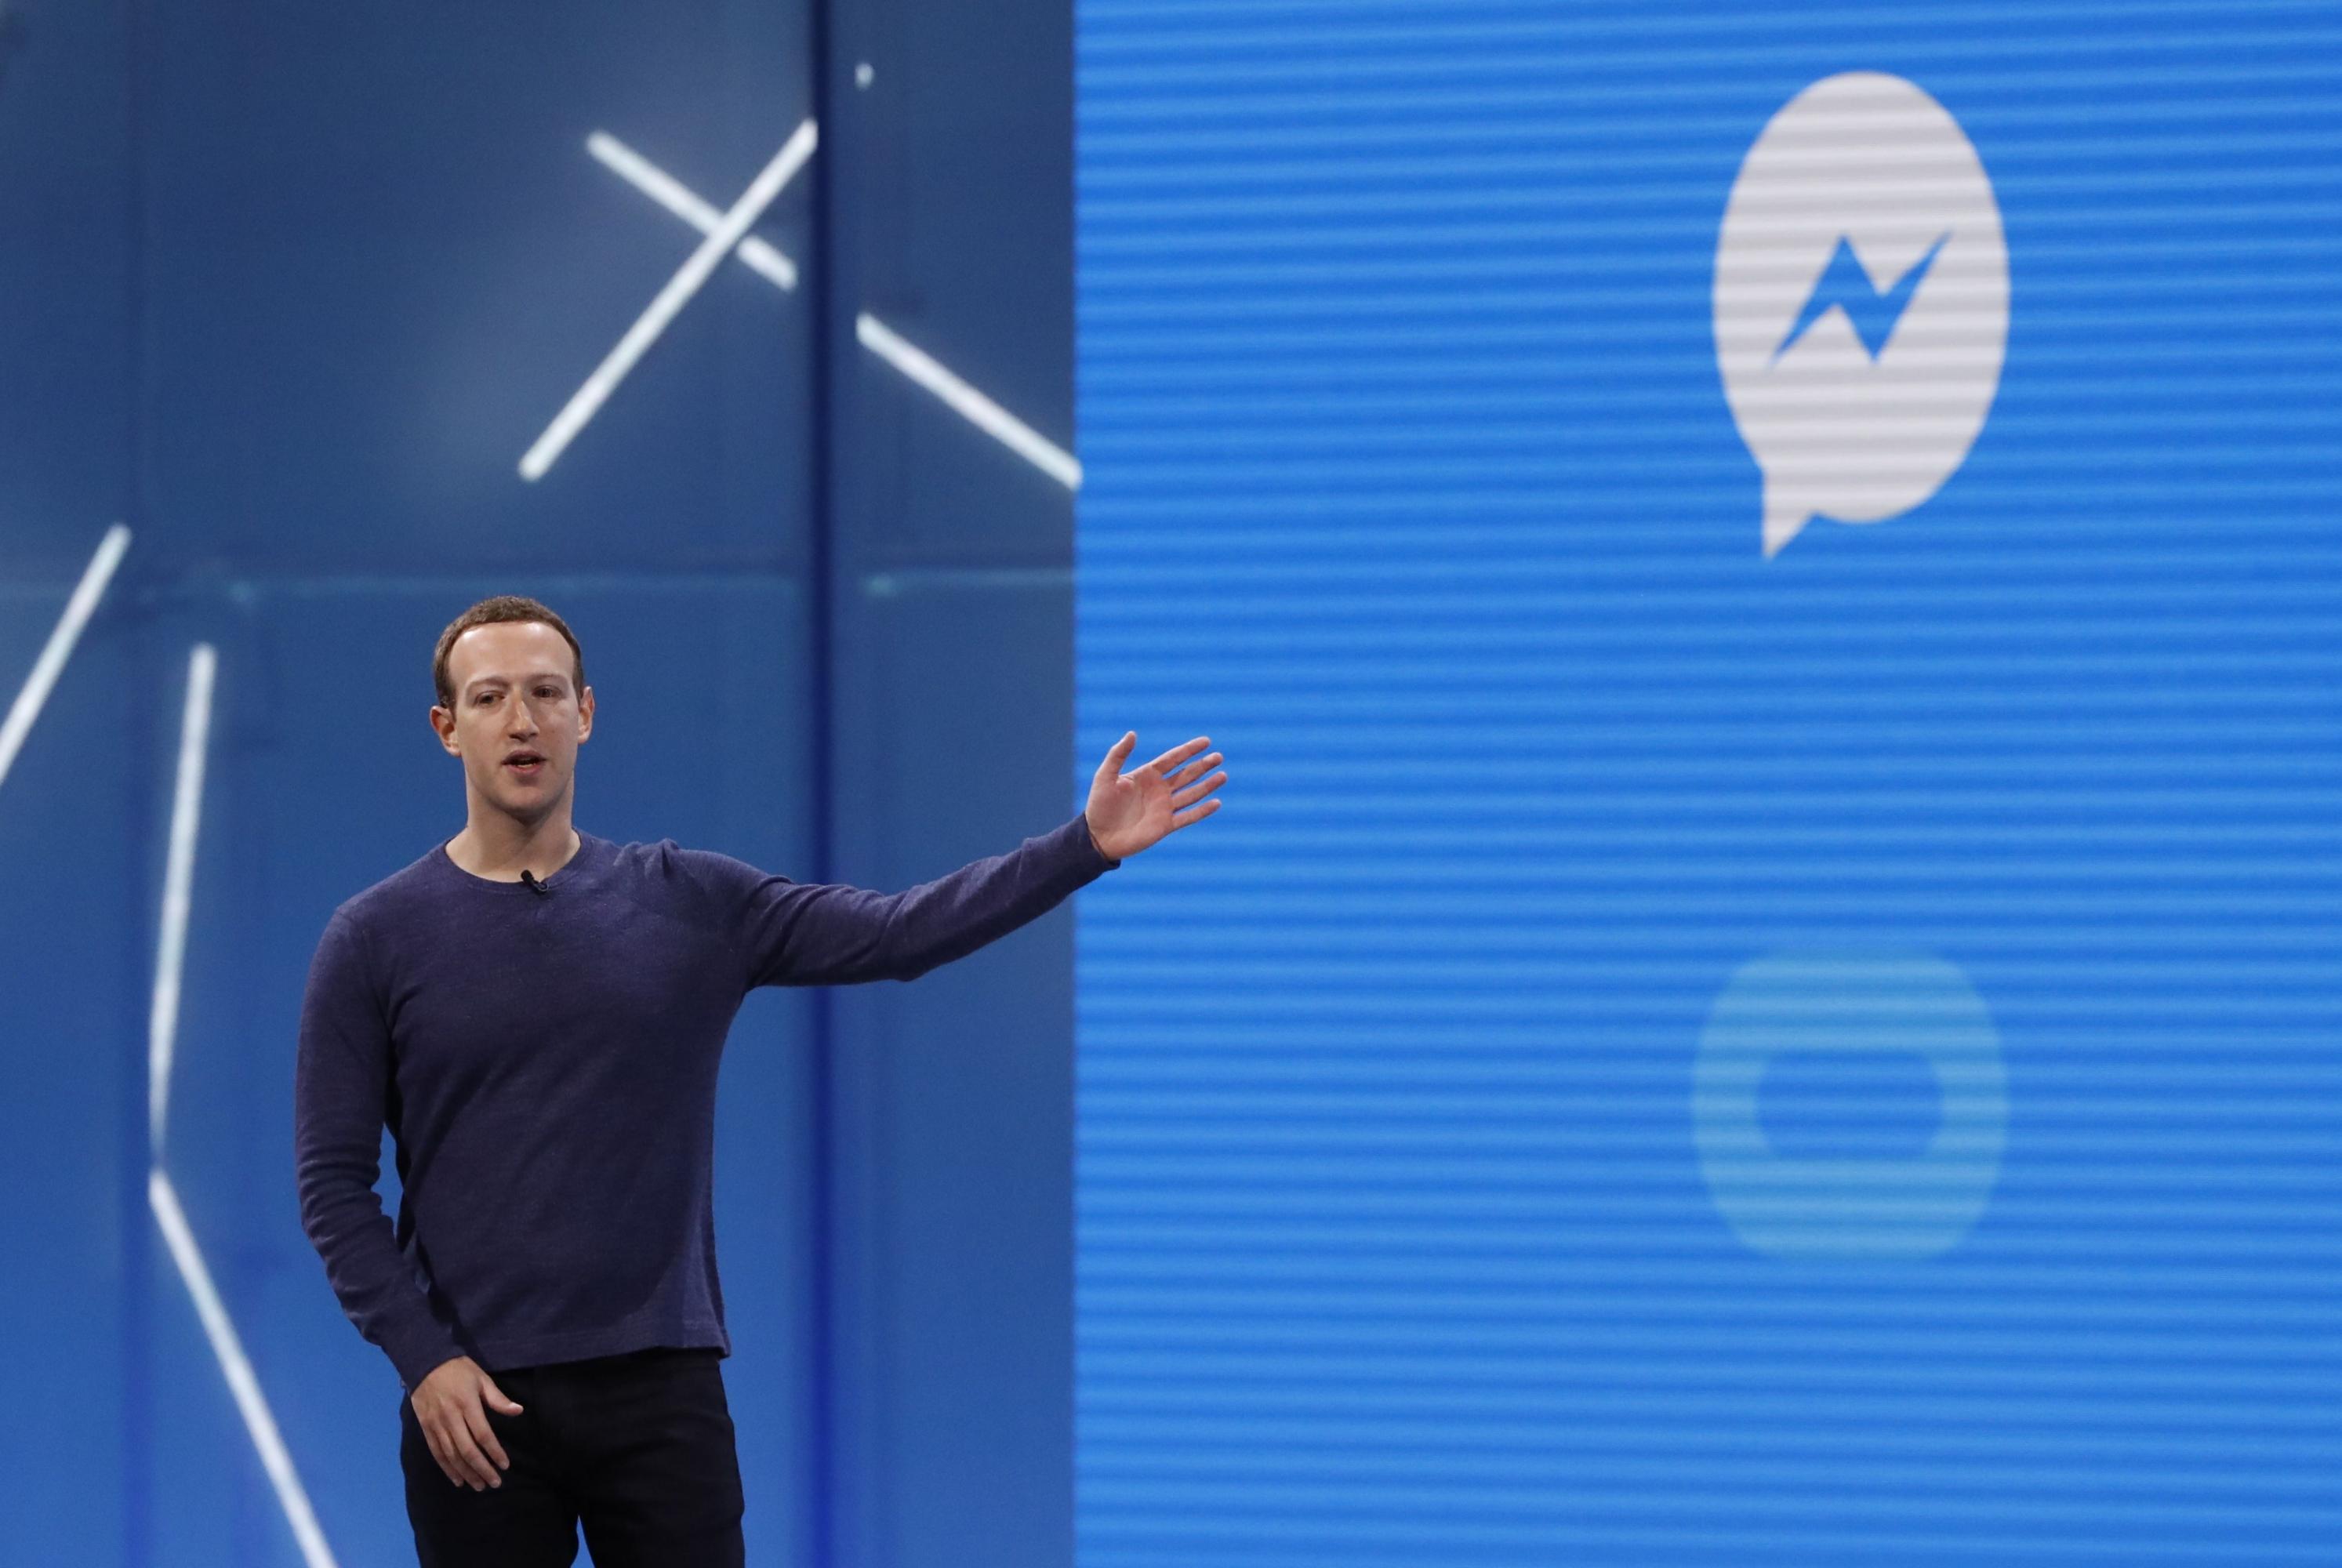 Facebook espera la resolución final de la Justicia de su país y confirmar si pagará la multa de US$ 5 mil millones. (Foto: Reuters)